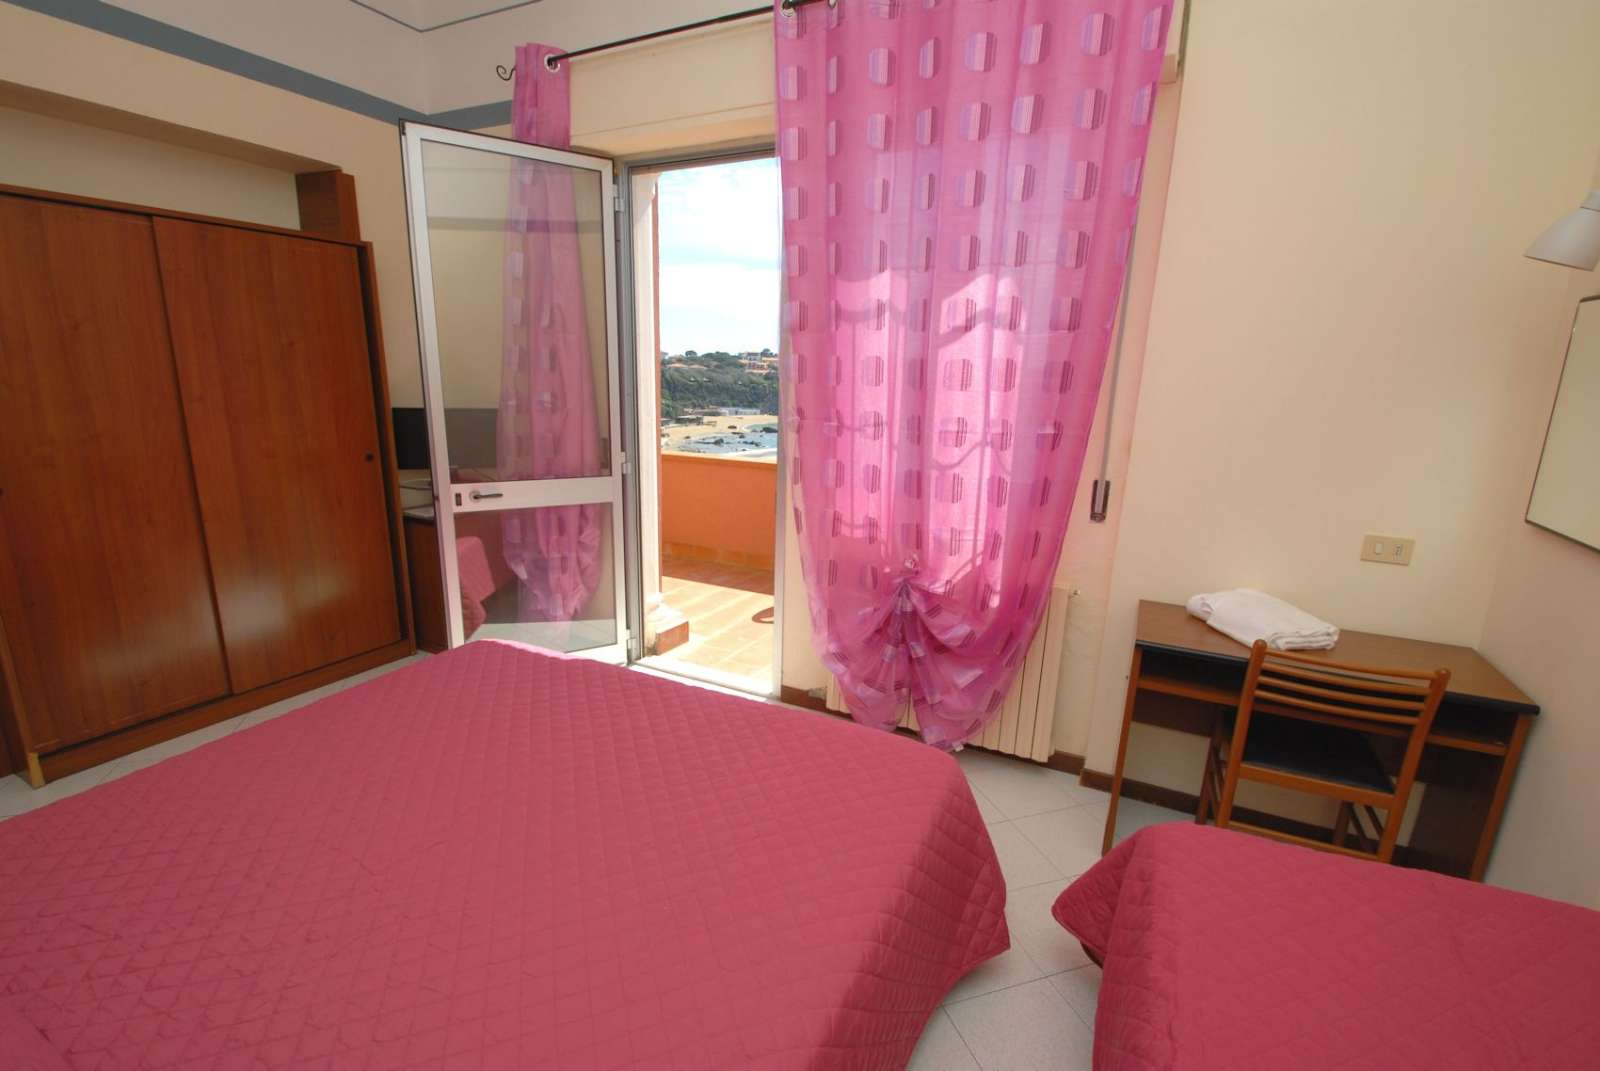 Dreibettzimmer mit Terrasse